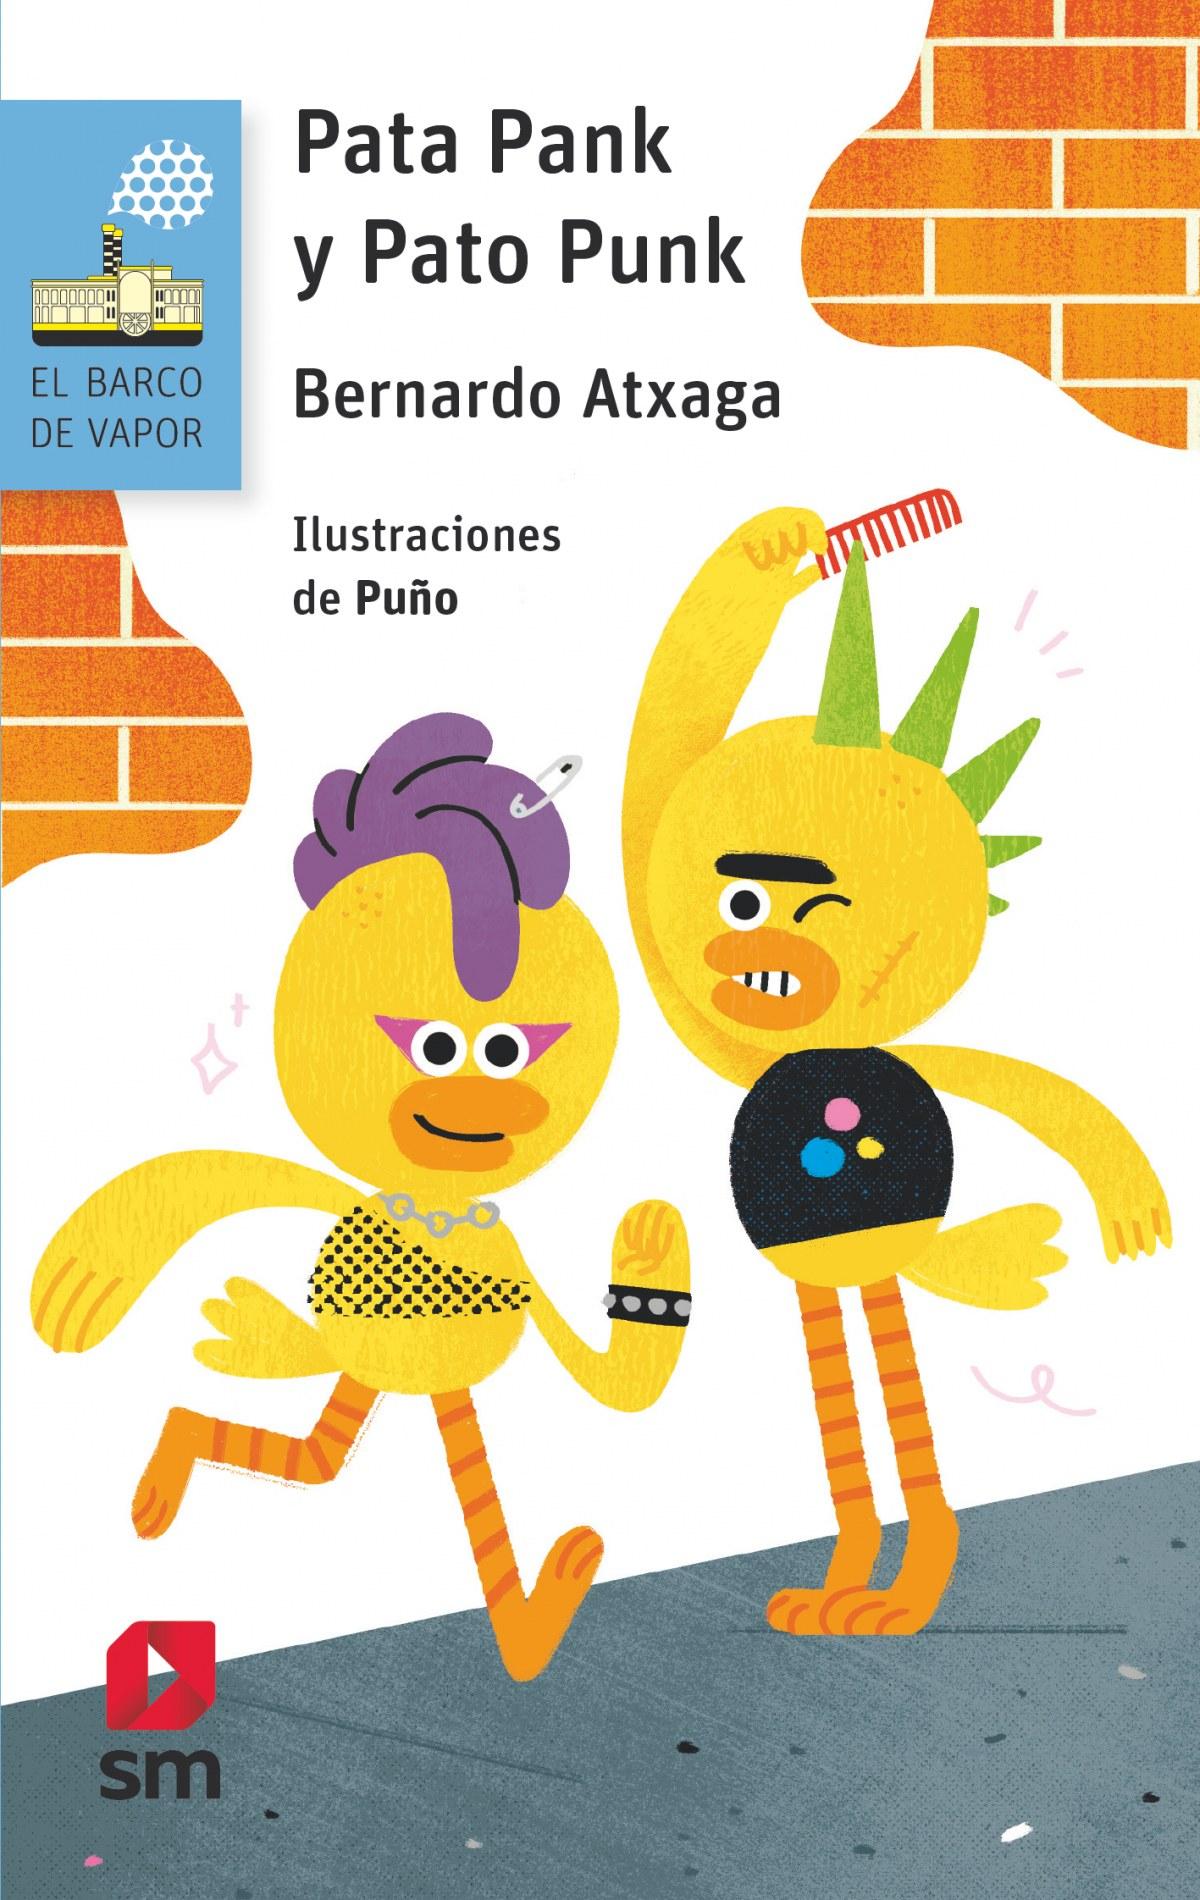 Pata Pank y Pato Punk